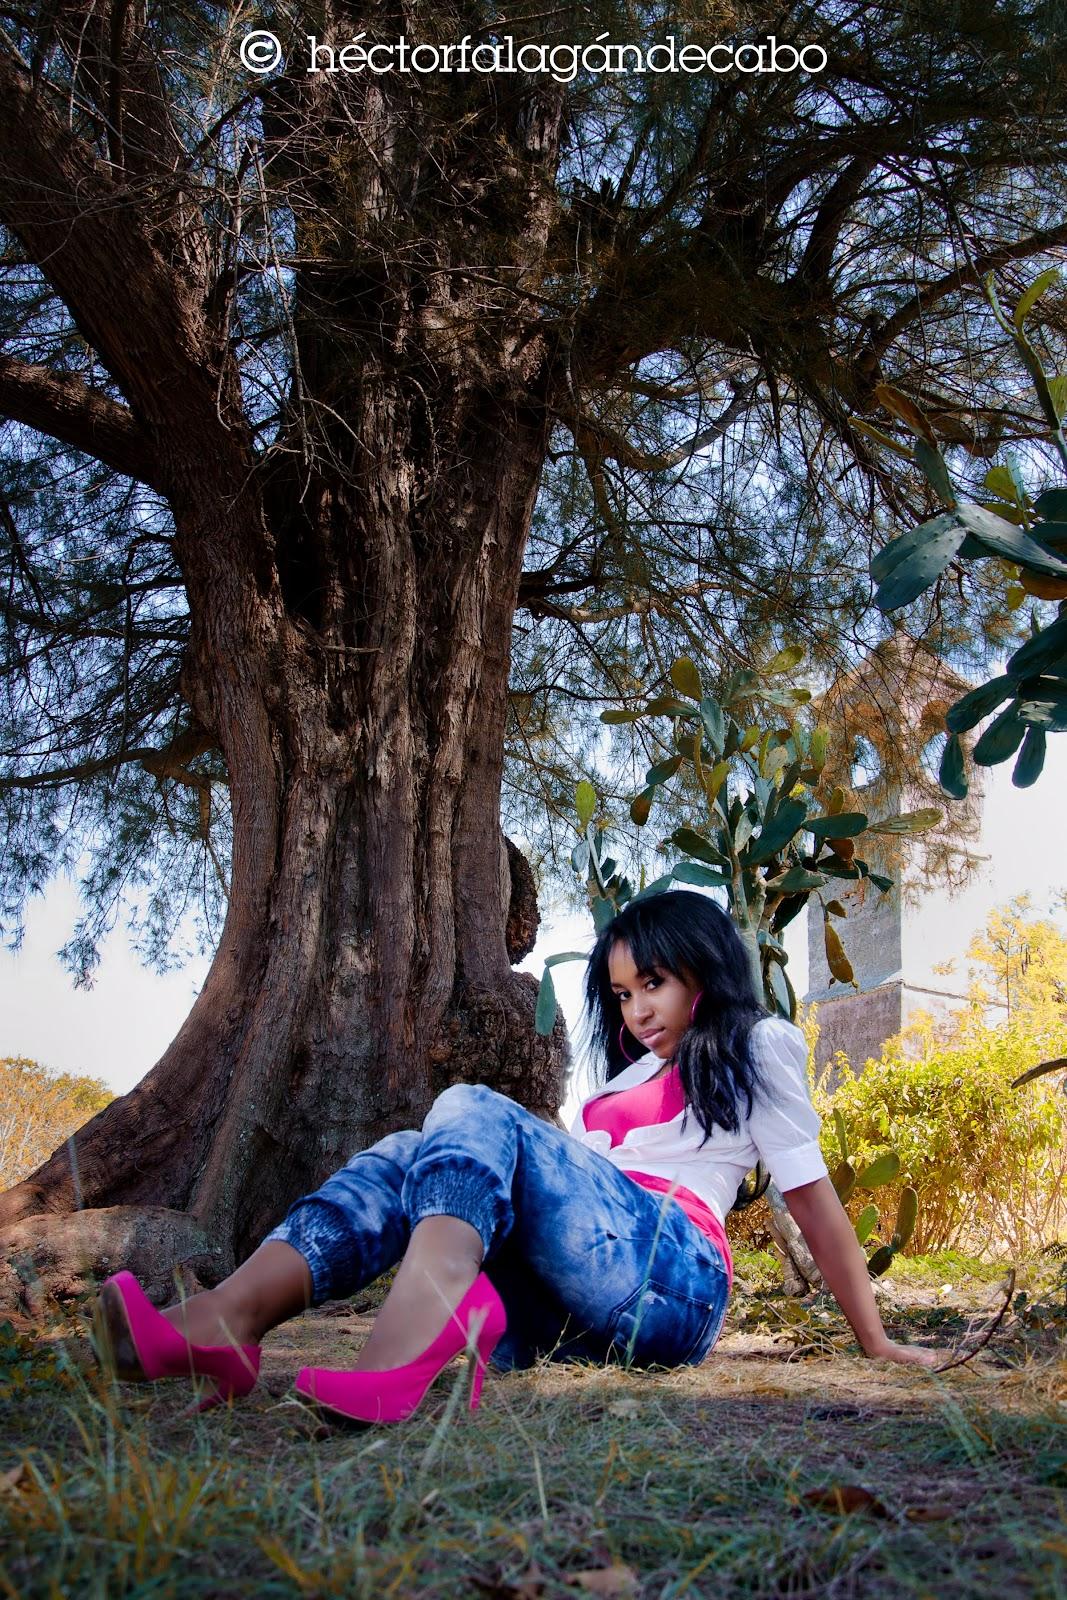 Fotografía Modelos Habana. Angiie: Colores del Caribe. Héctor Falagán De Cabo | hfilms & photography. La Habana, Cuba.